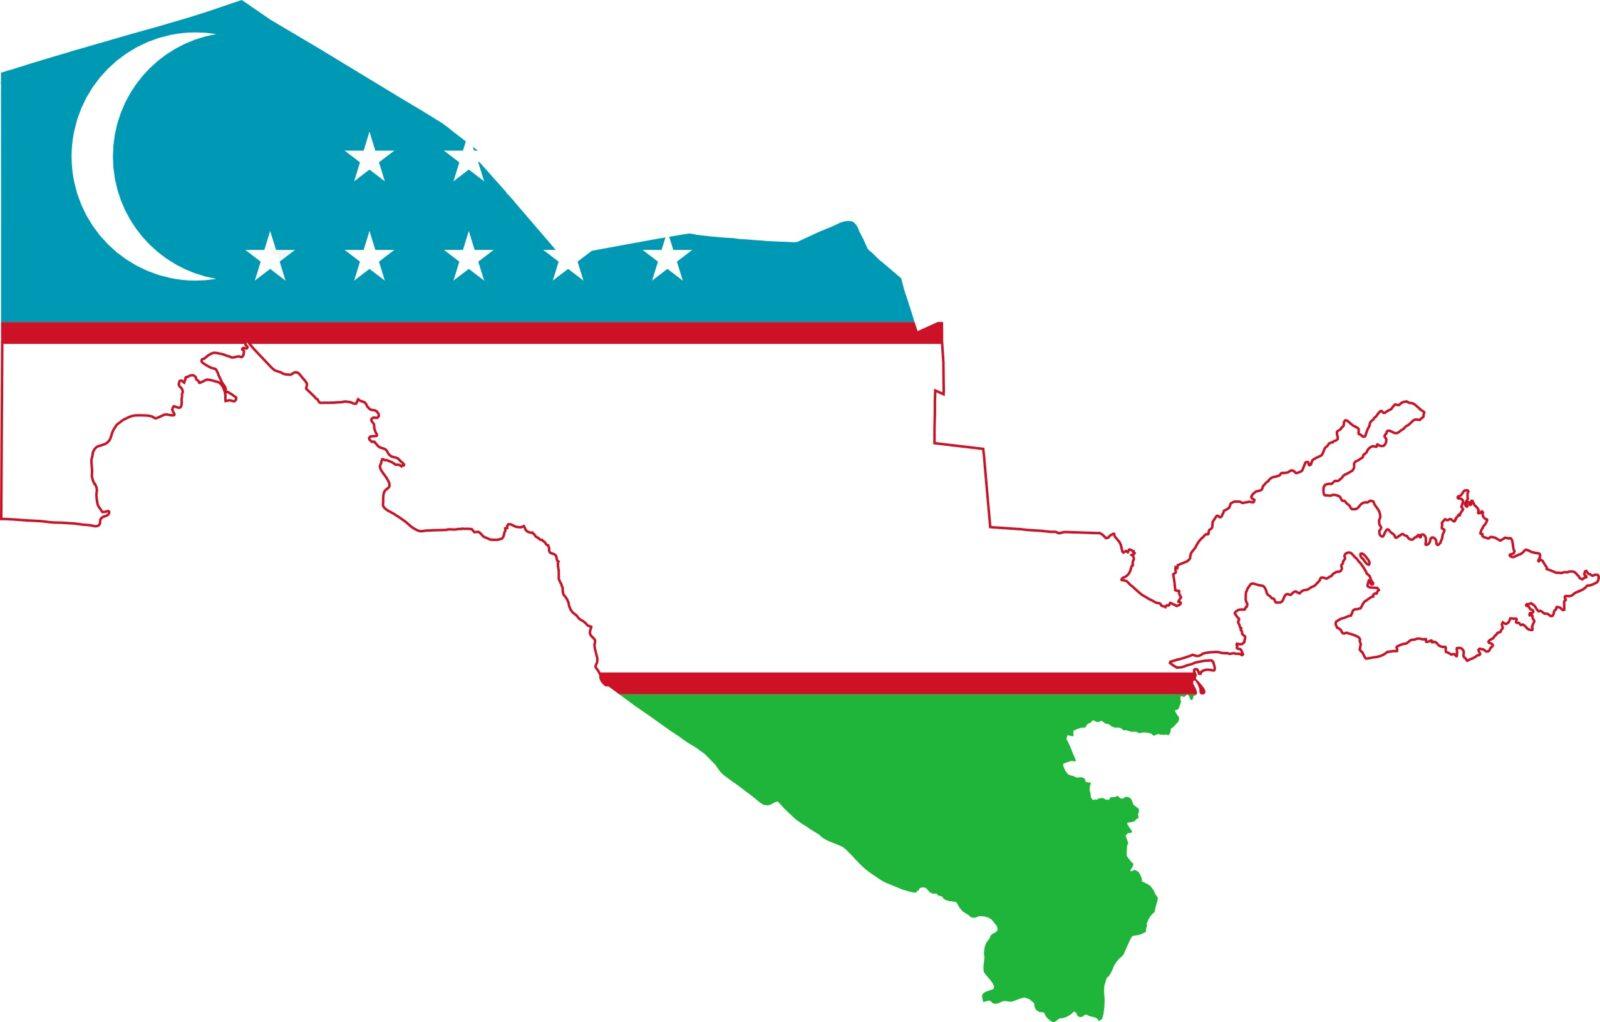 World Pipelines: К 2035 году Узбекистан обгонит Казахстан и станет ведущей экономикой Центральной Азии